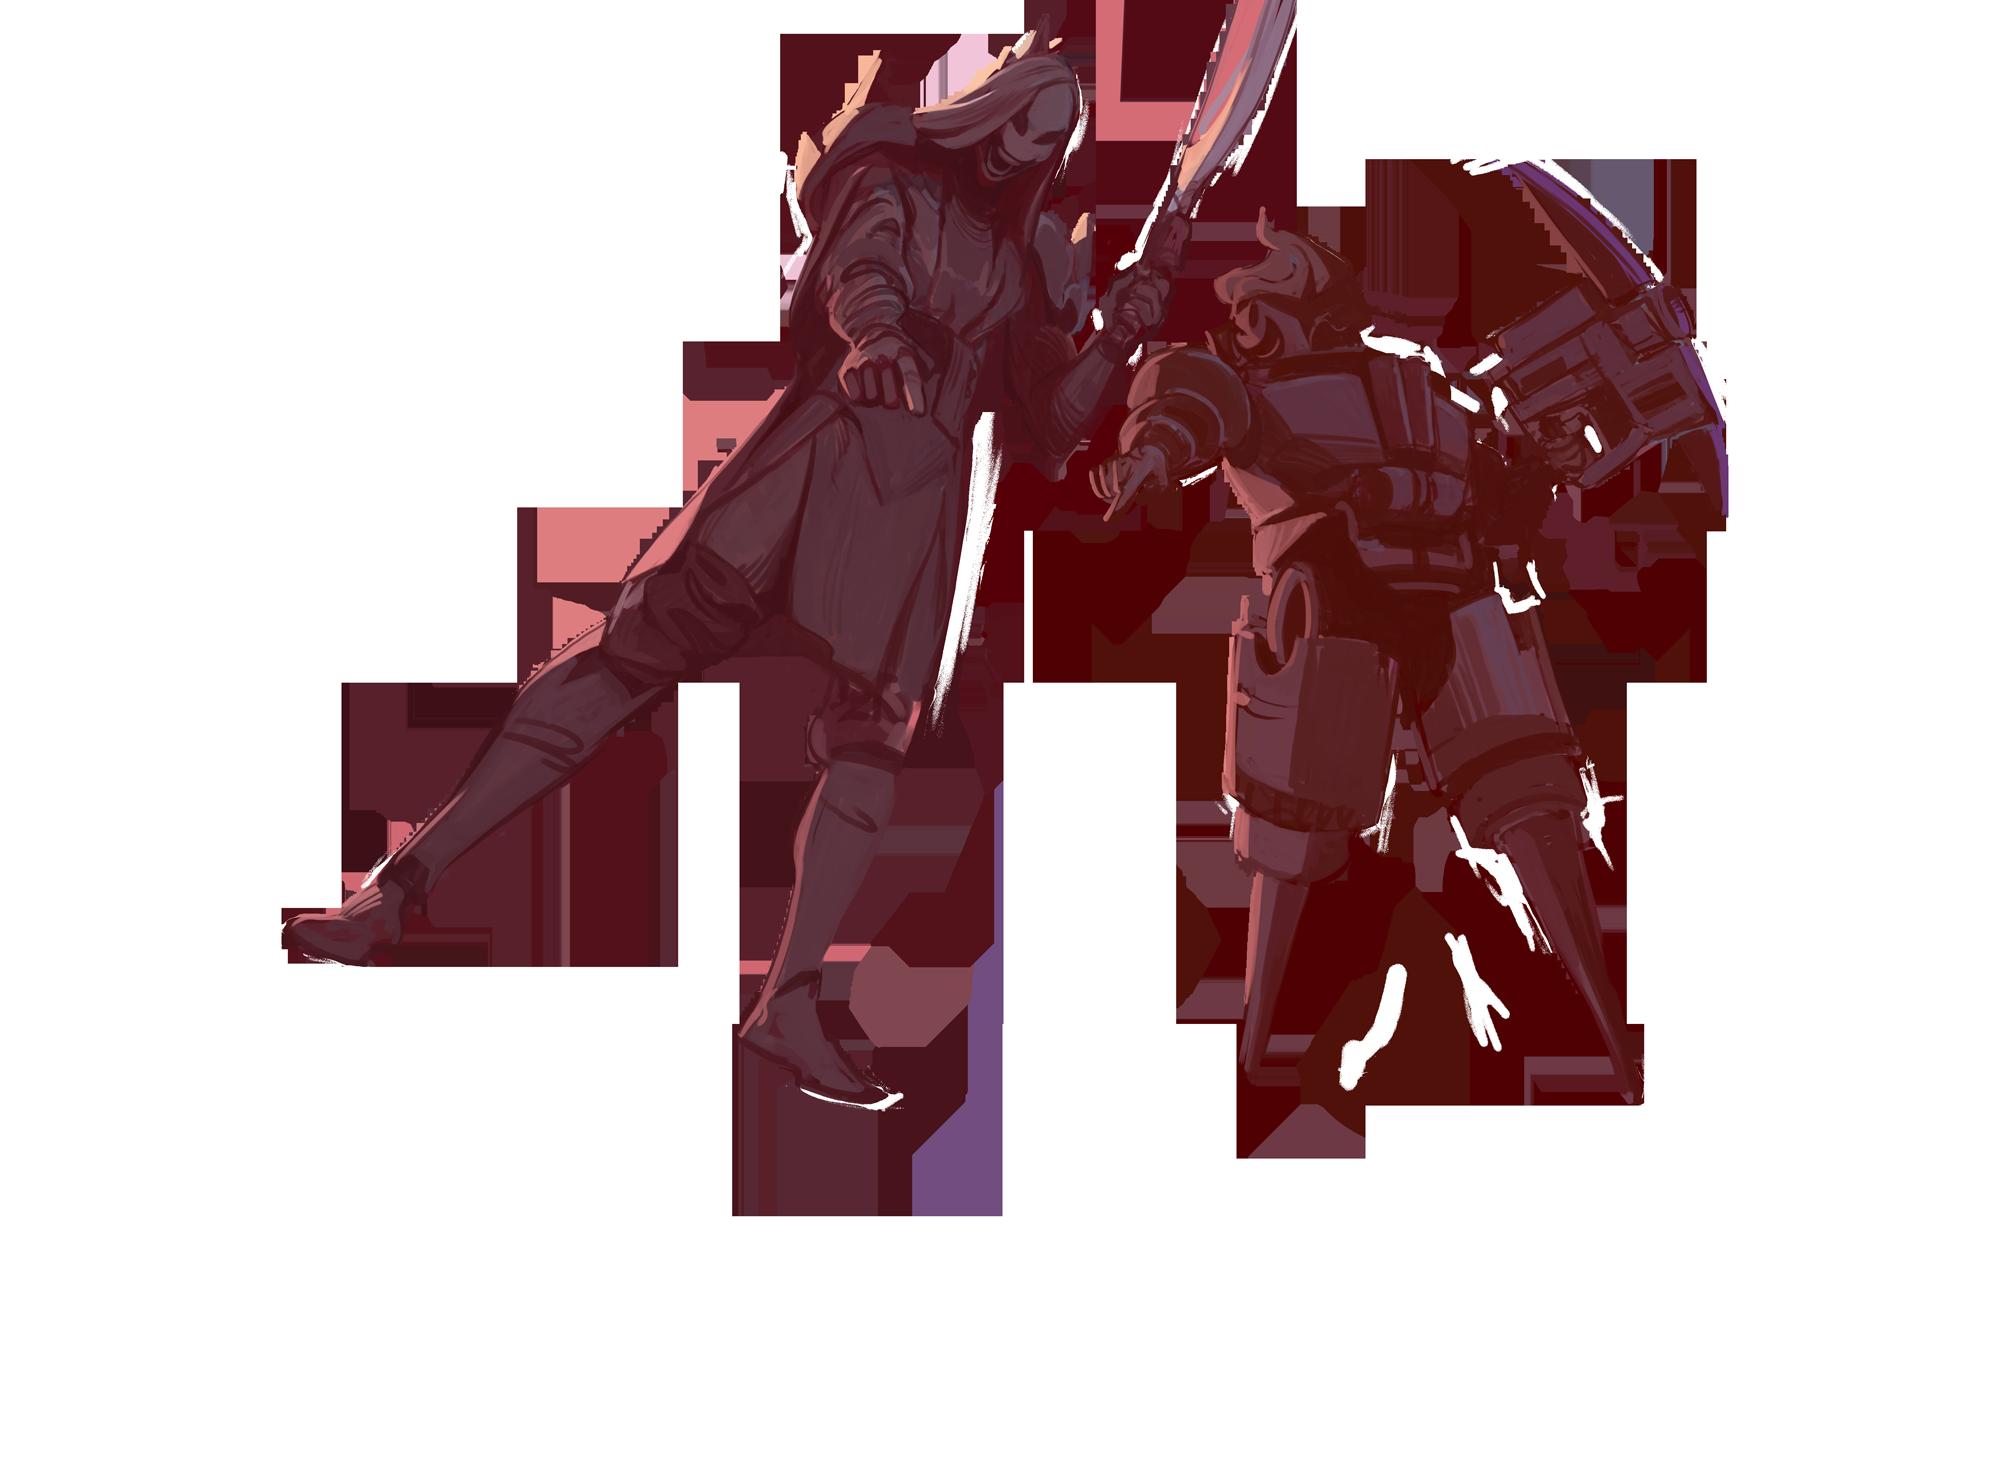 Επίπεδο συμπαικτών αίματος